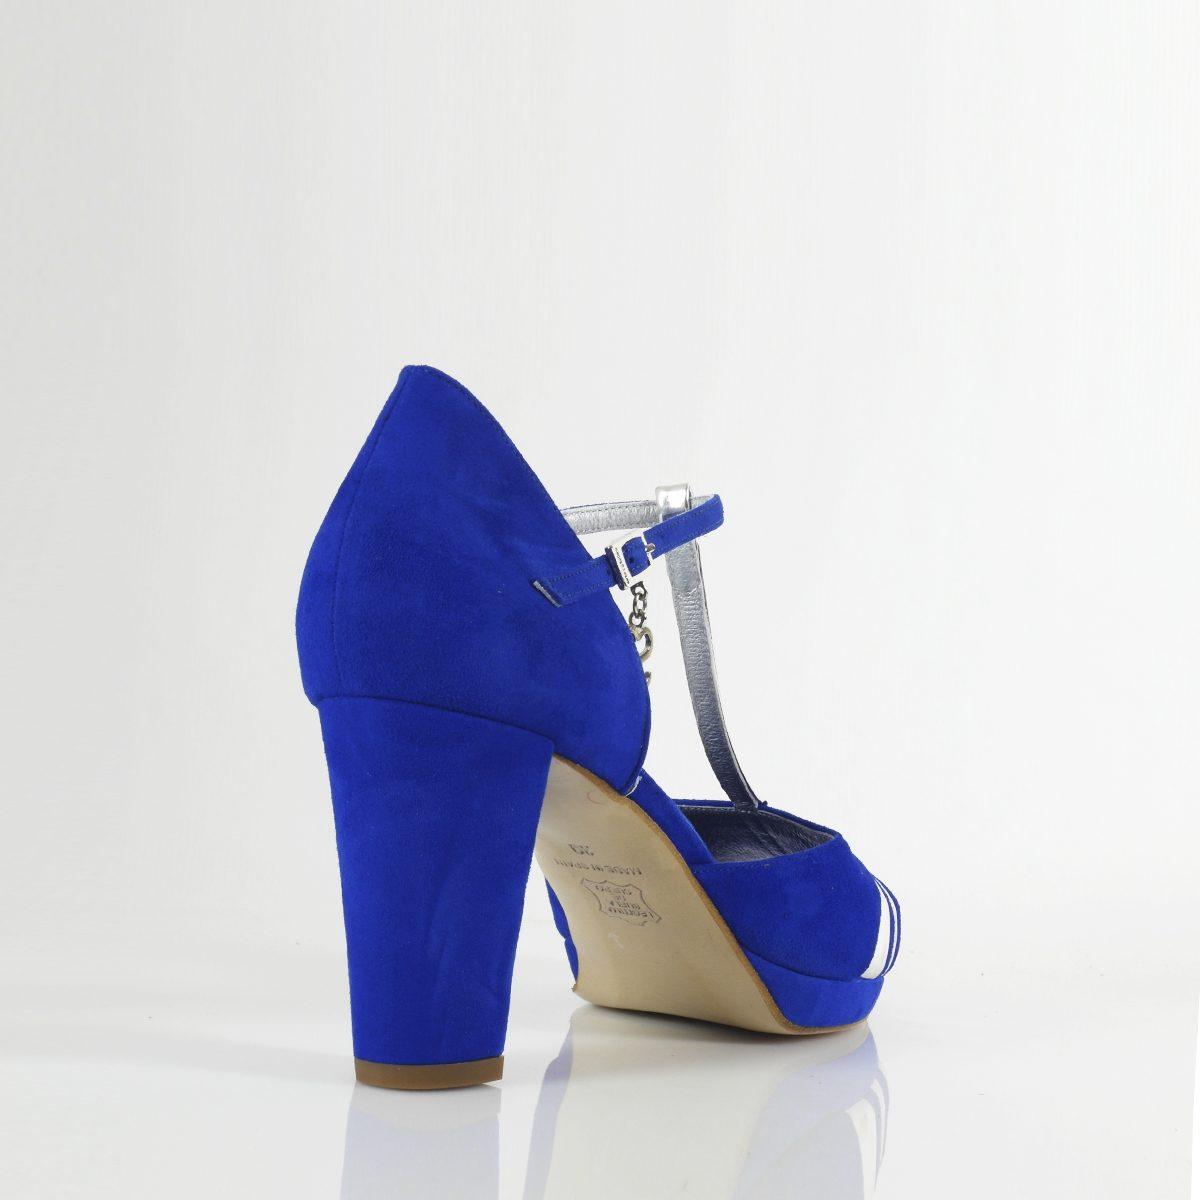 SANDALIA MOD.2332 (8cm)- zapato personalizado fiesta